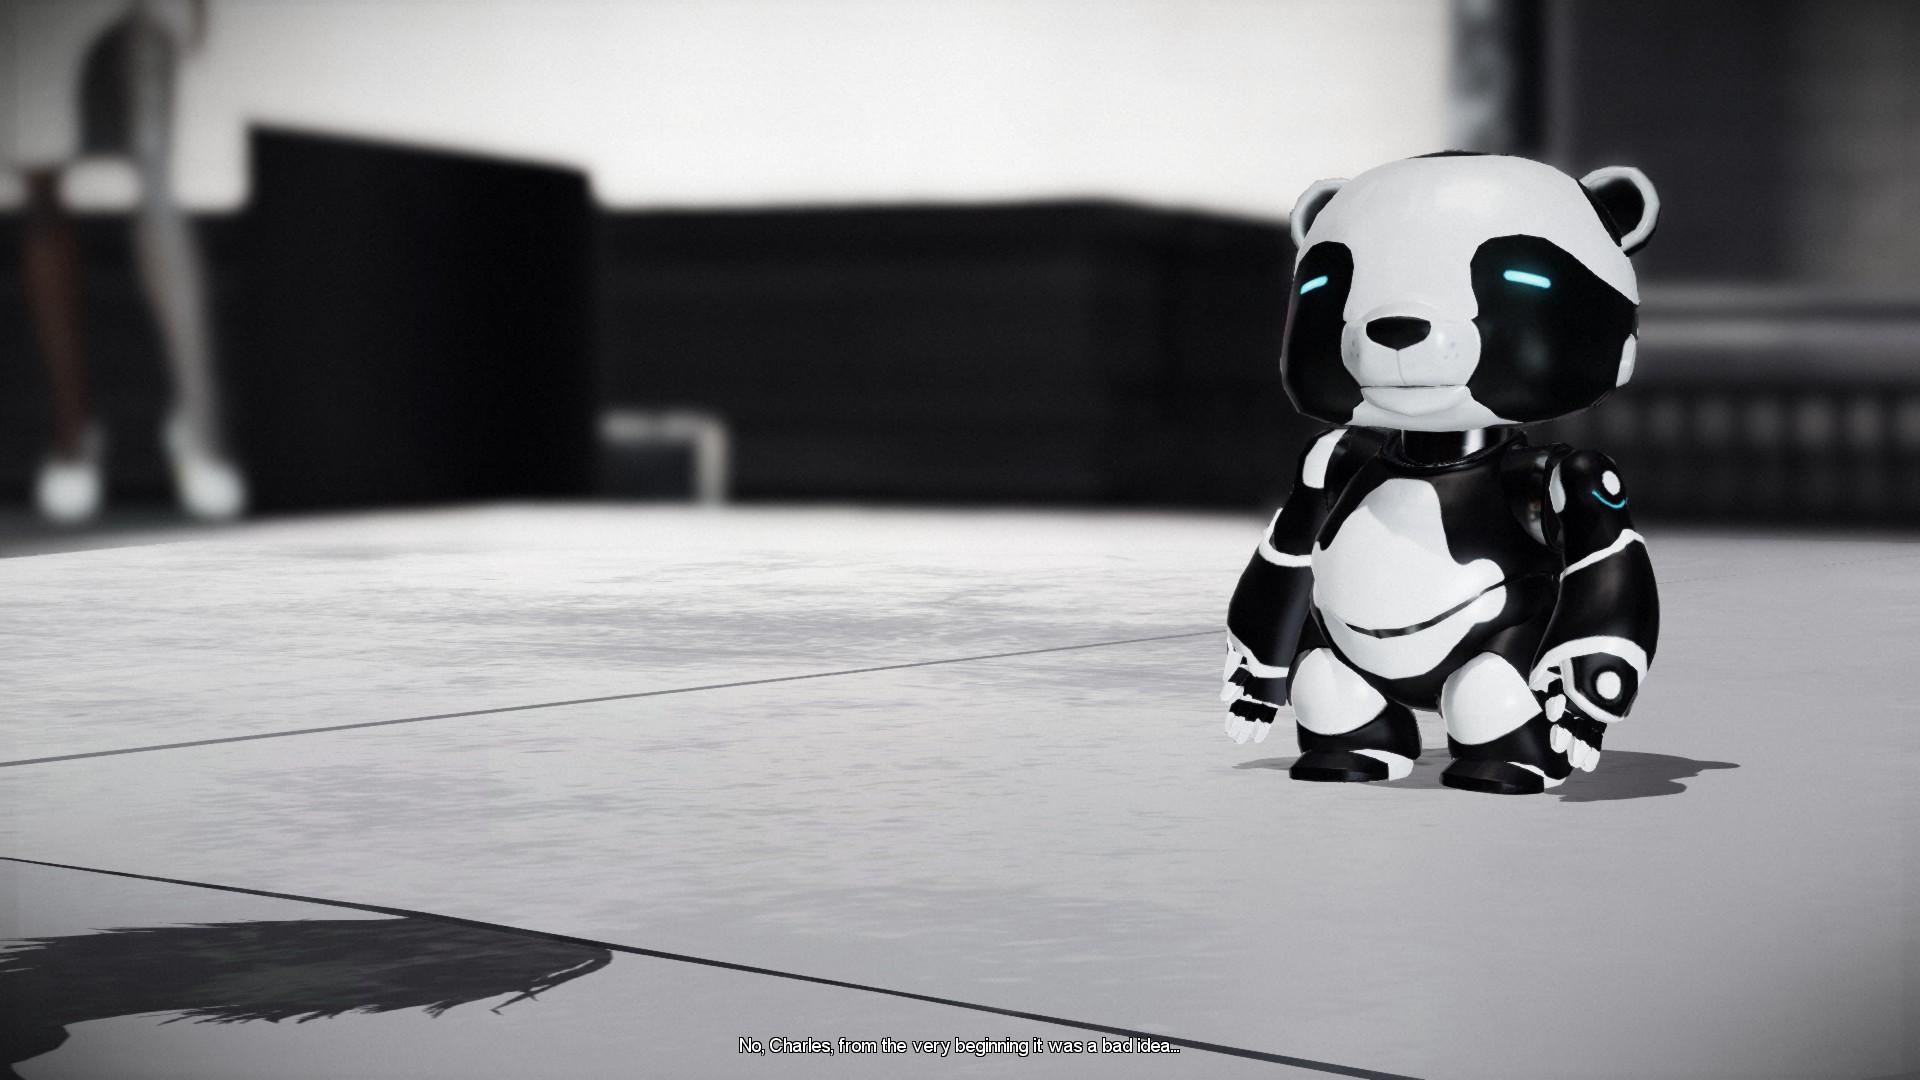 jax the panda